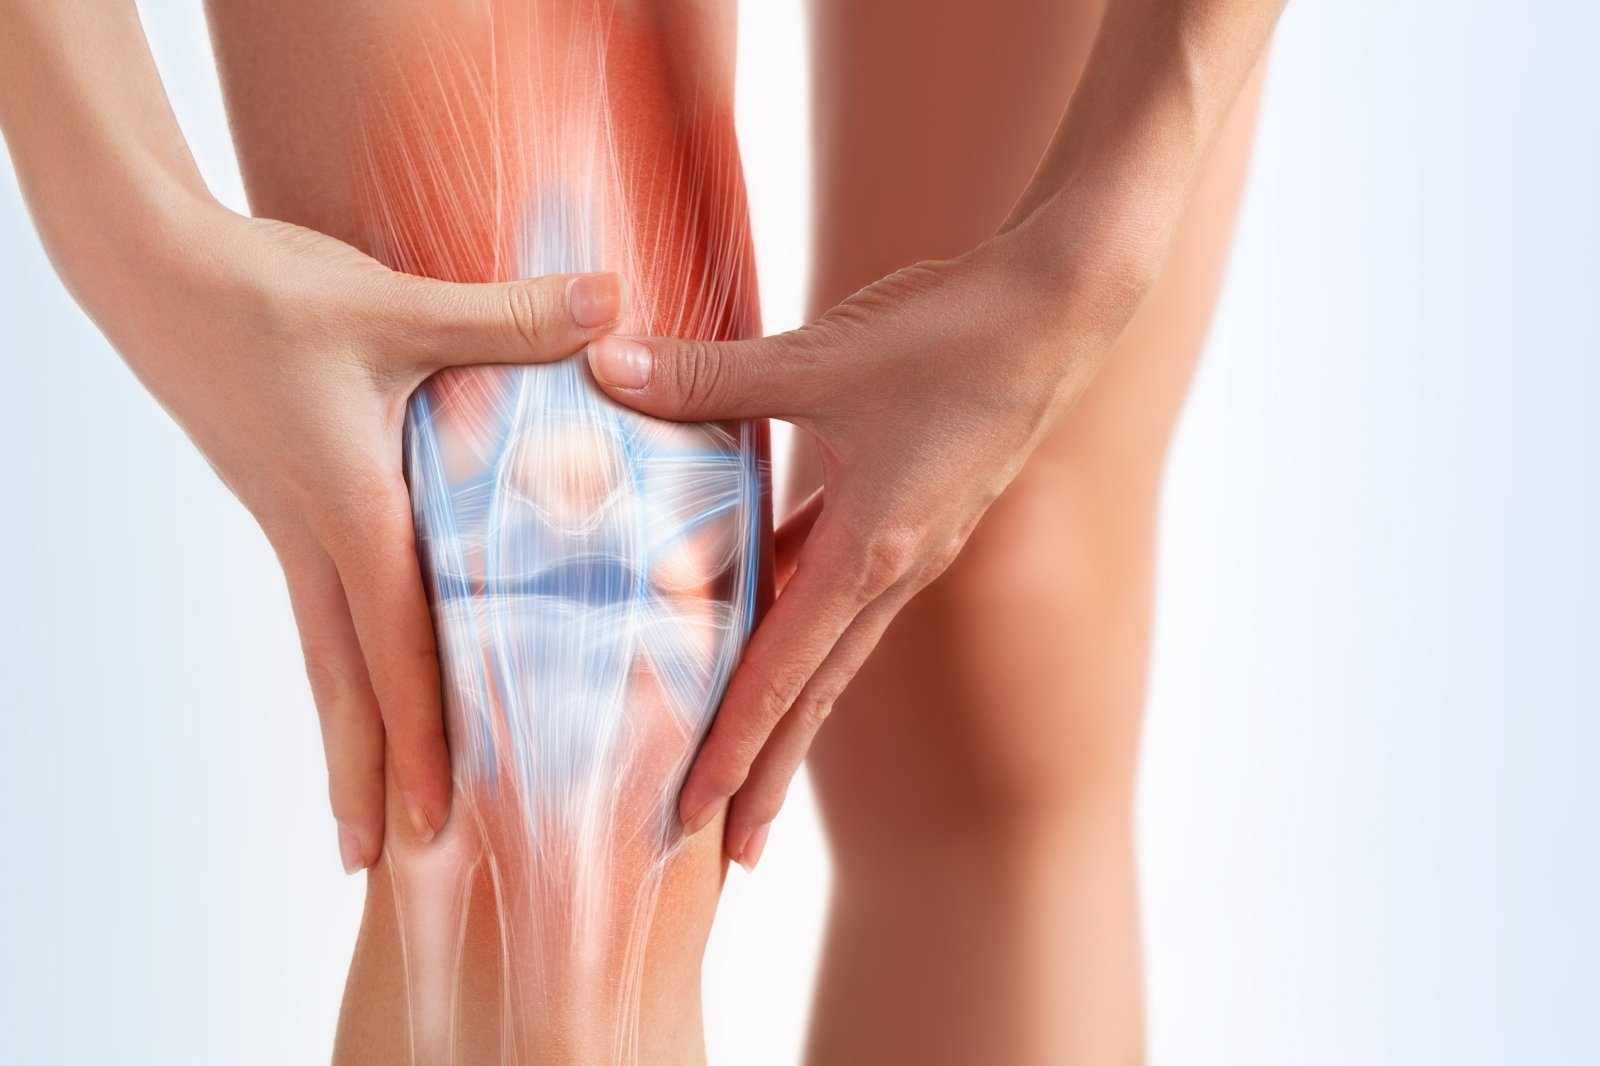 skausmas nykščio sąnario dėl pėdos išspausti su sicks sąnarių